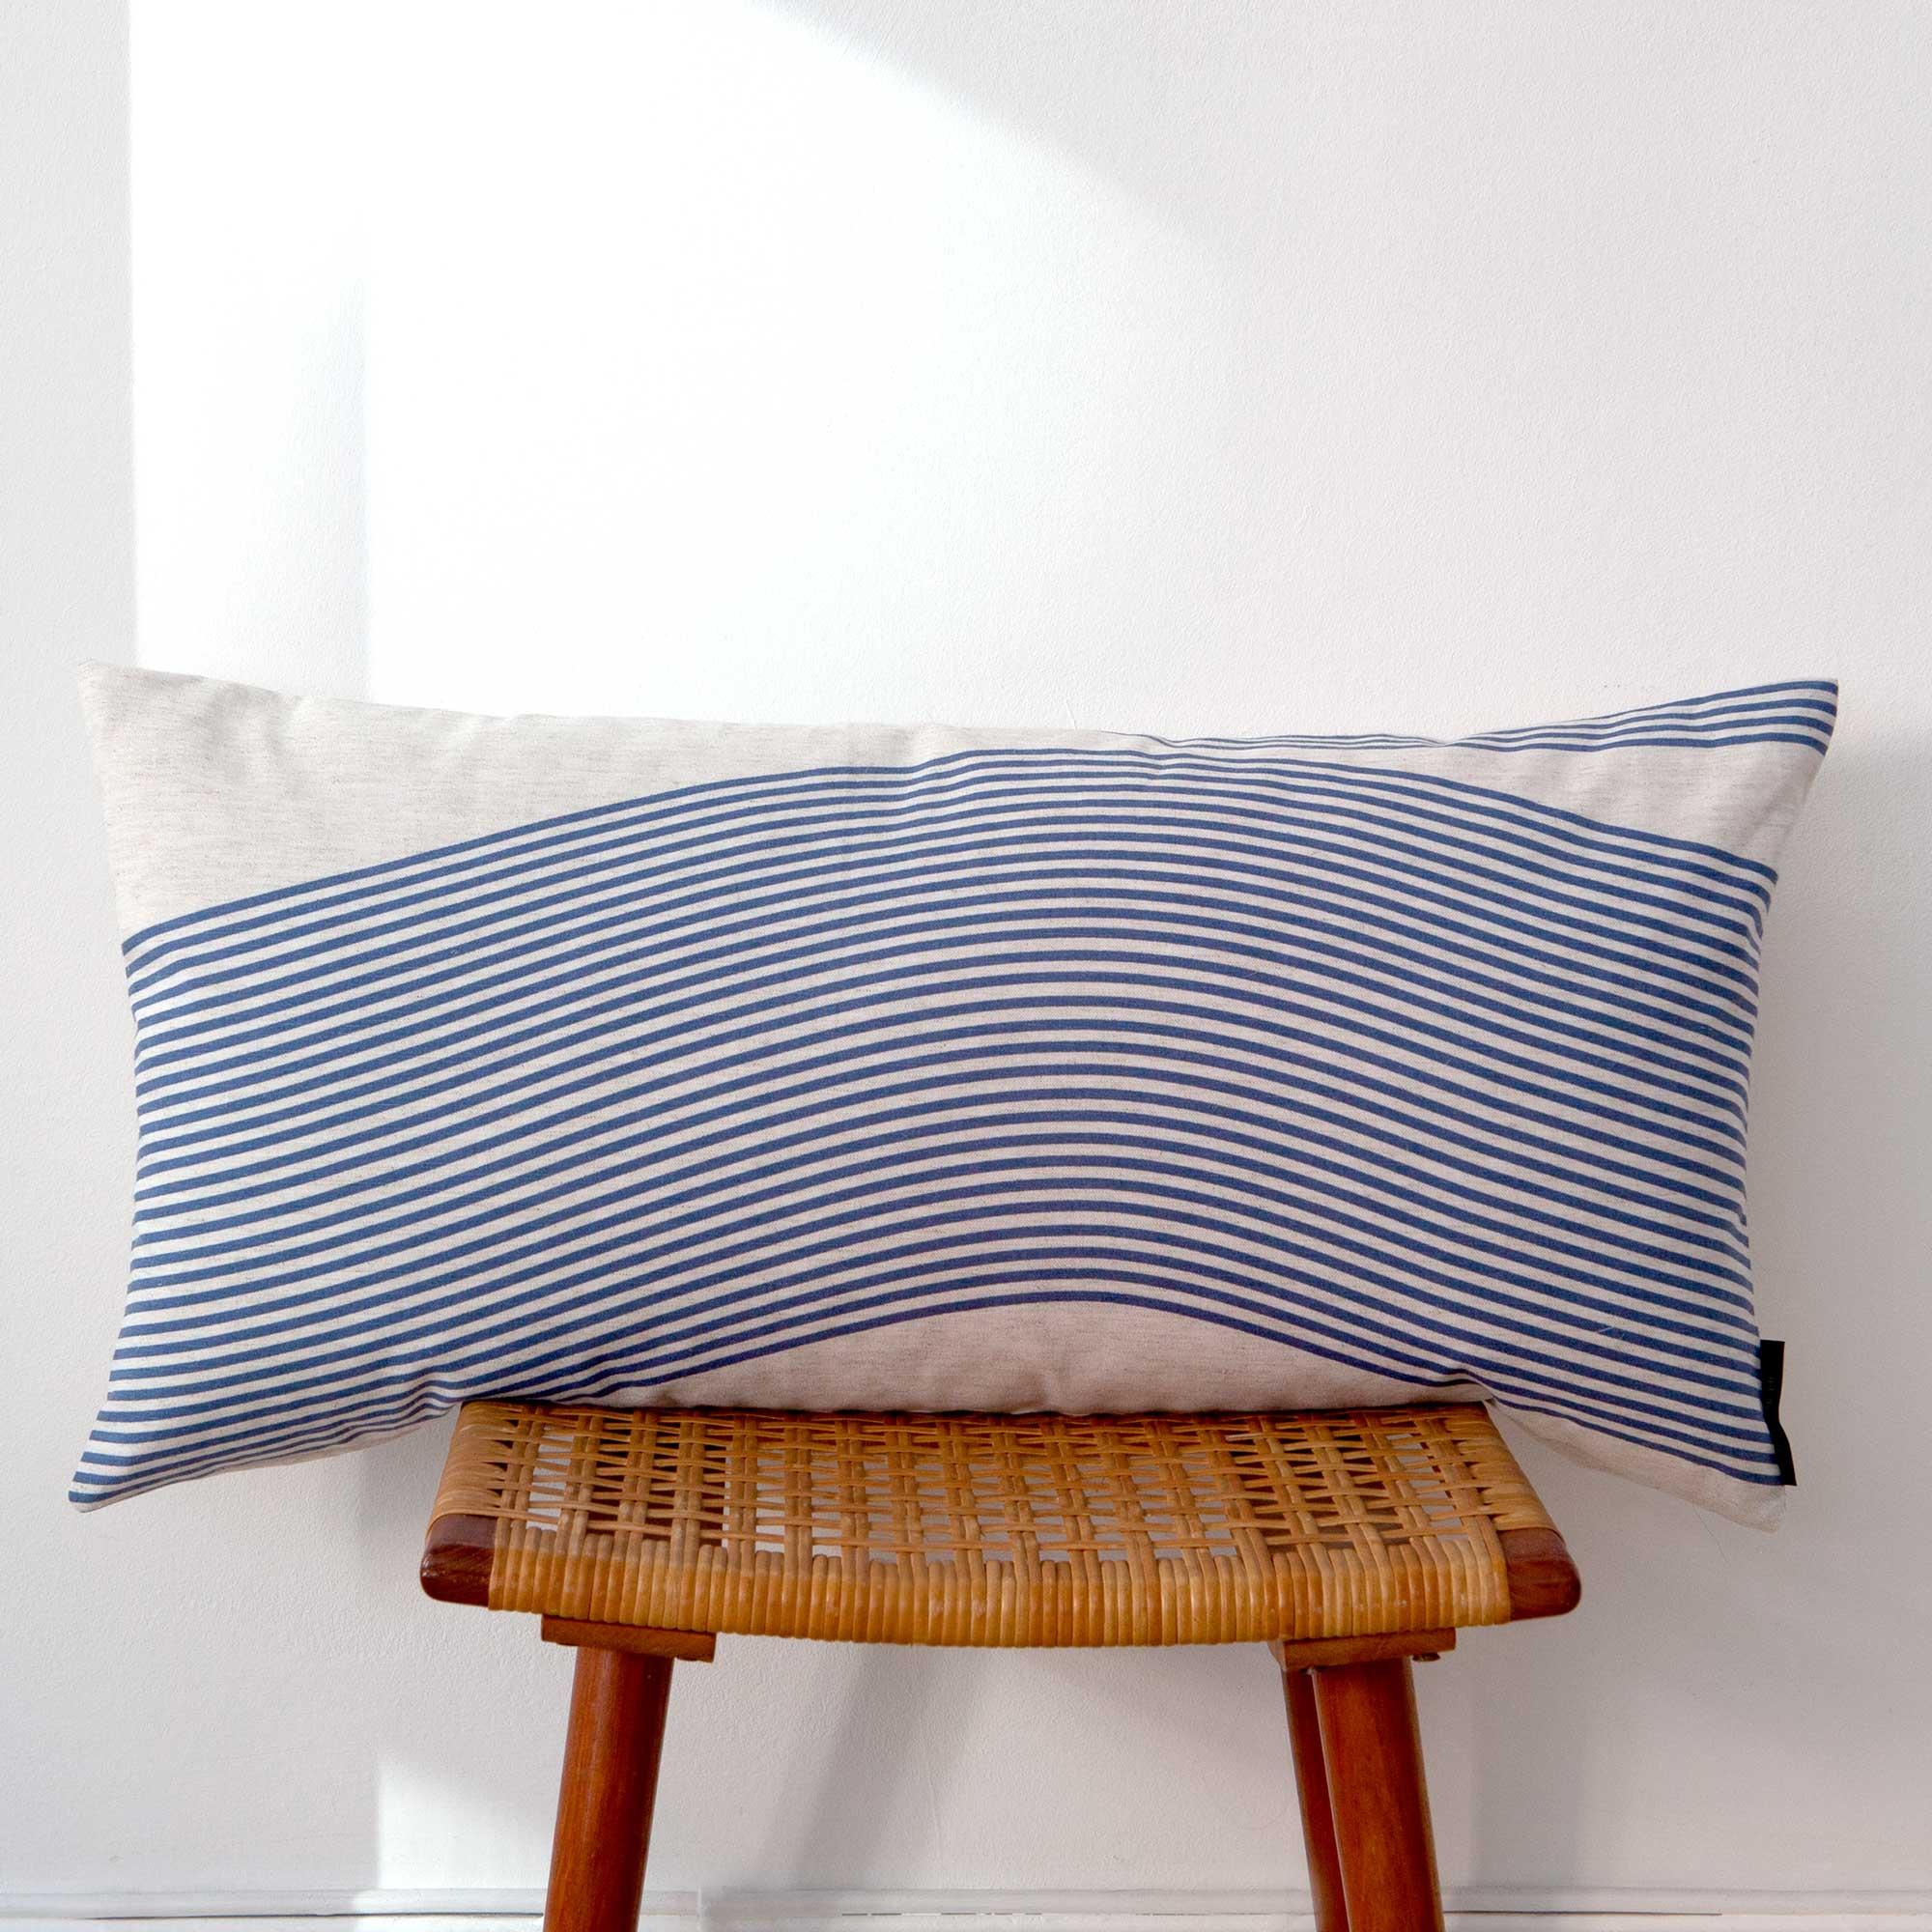 Rectangular cushion River blue pattern design by Anne Rosenberg, RosenbergCph